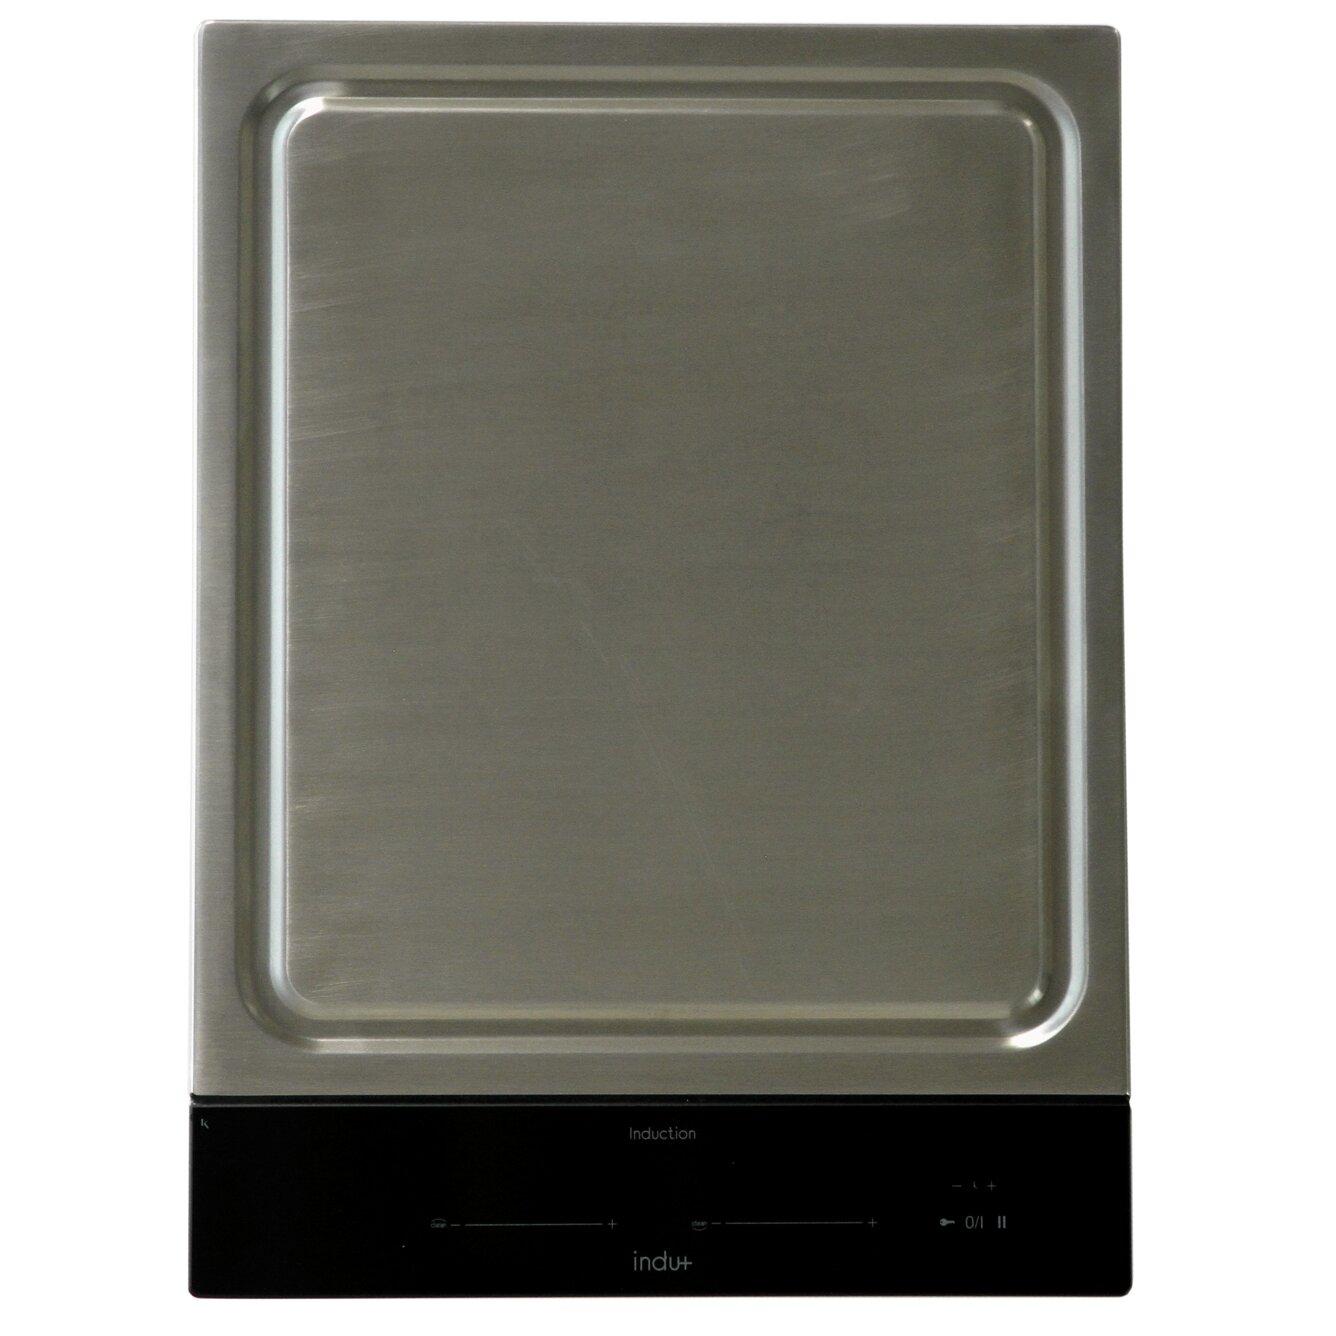 indu induction cooking plate wayfair uk. Black Bedroom Furniture Sets. Home Design Ideas